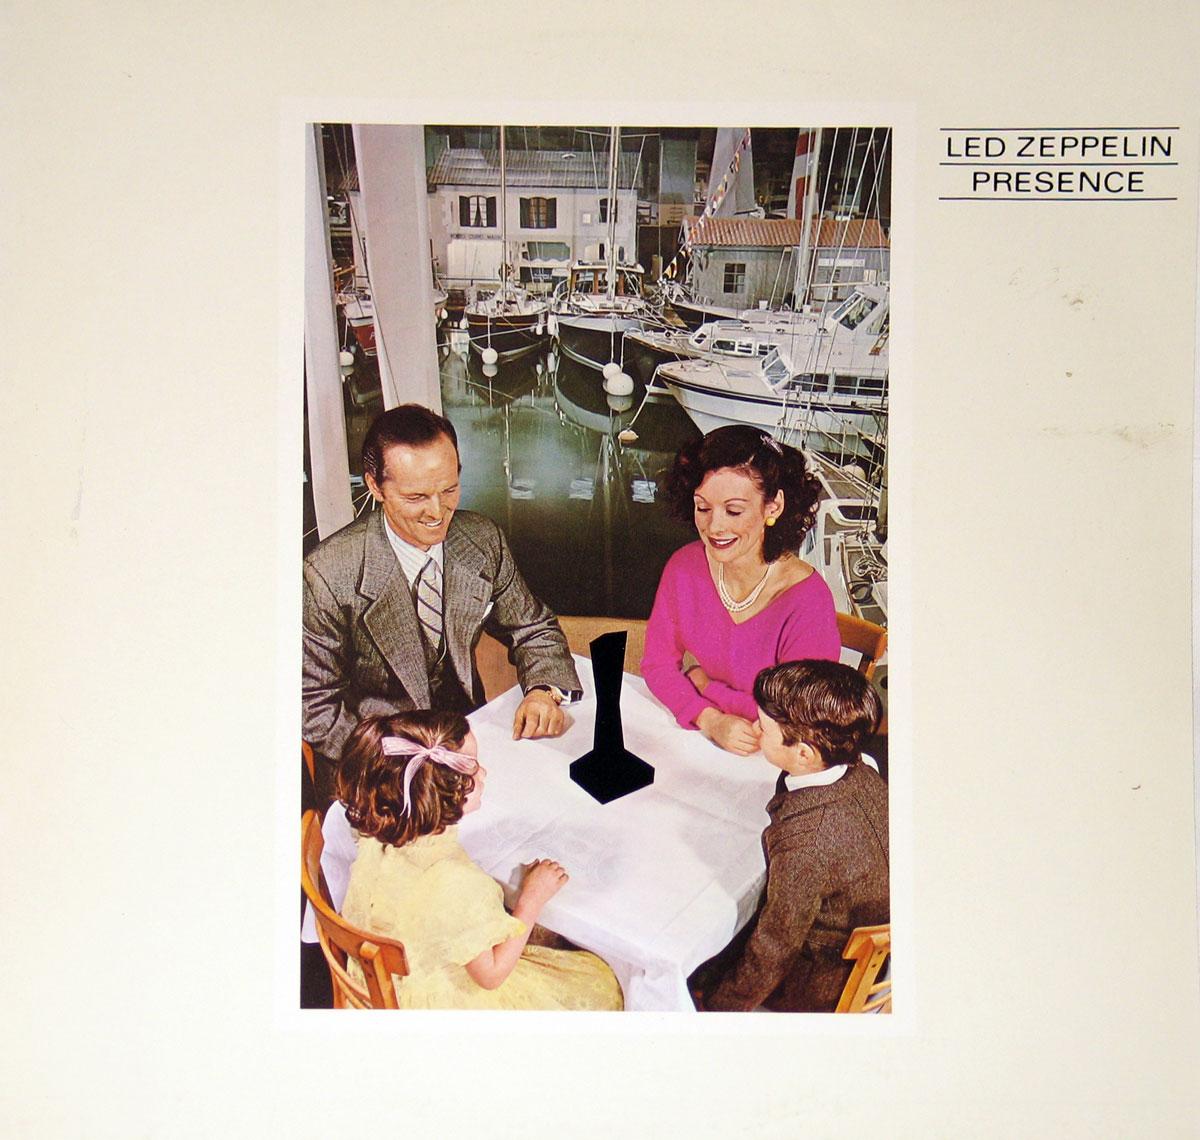 led-zeppelin-presence-11.jpg